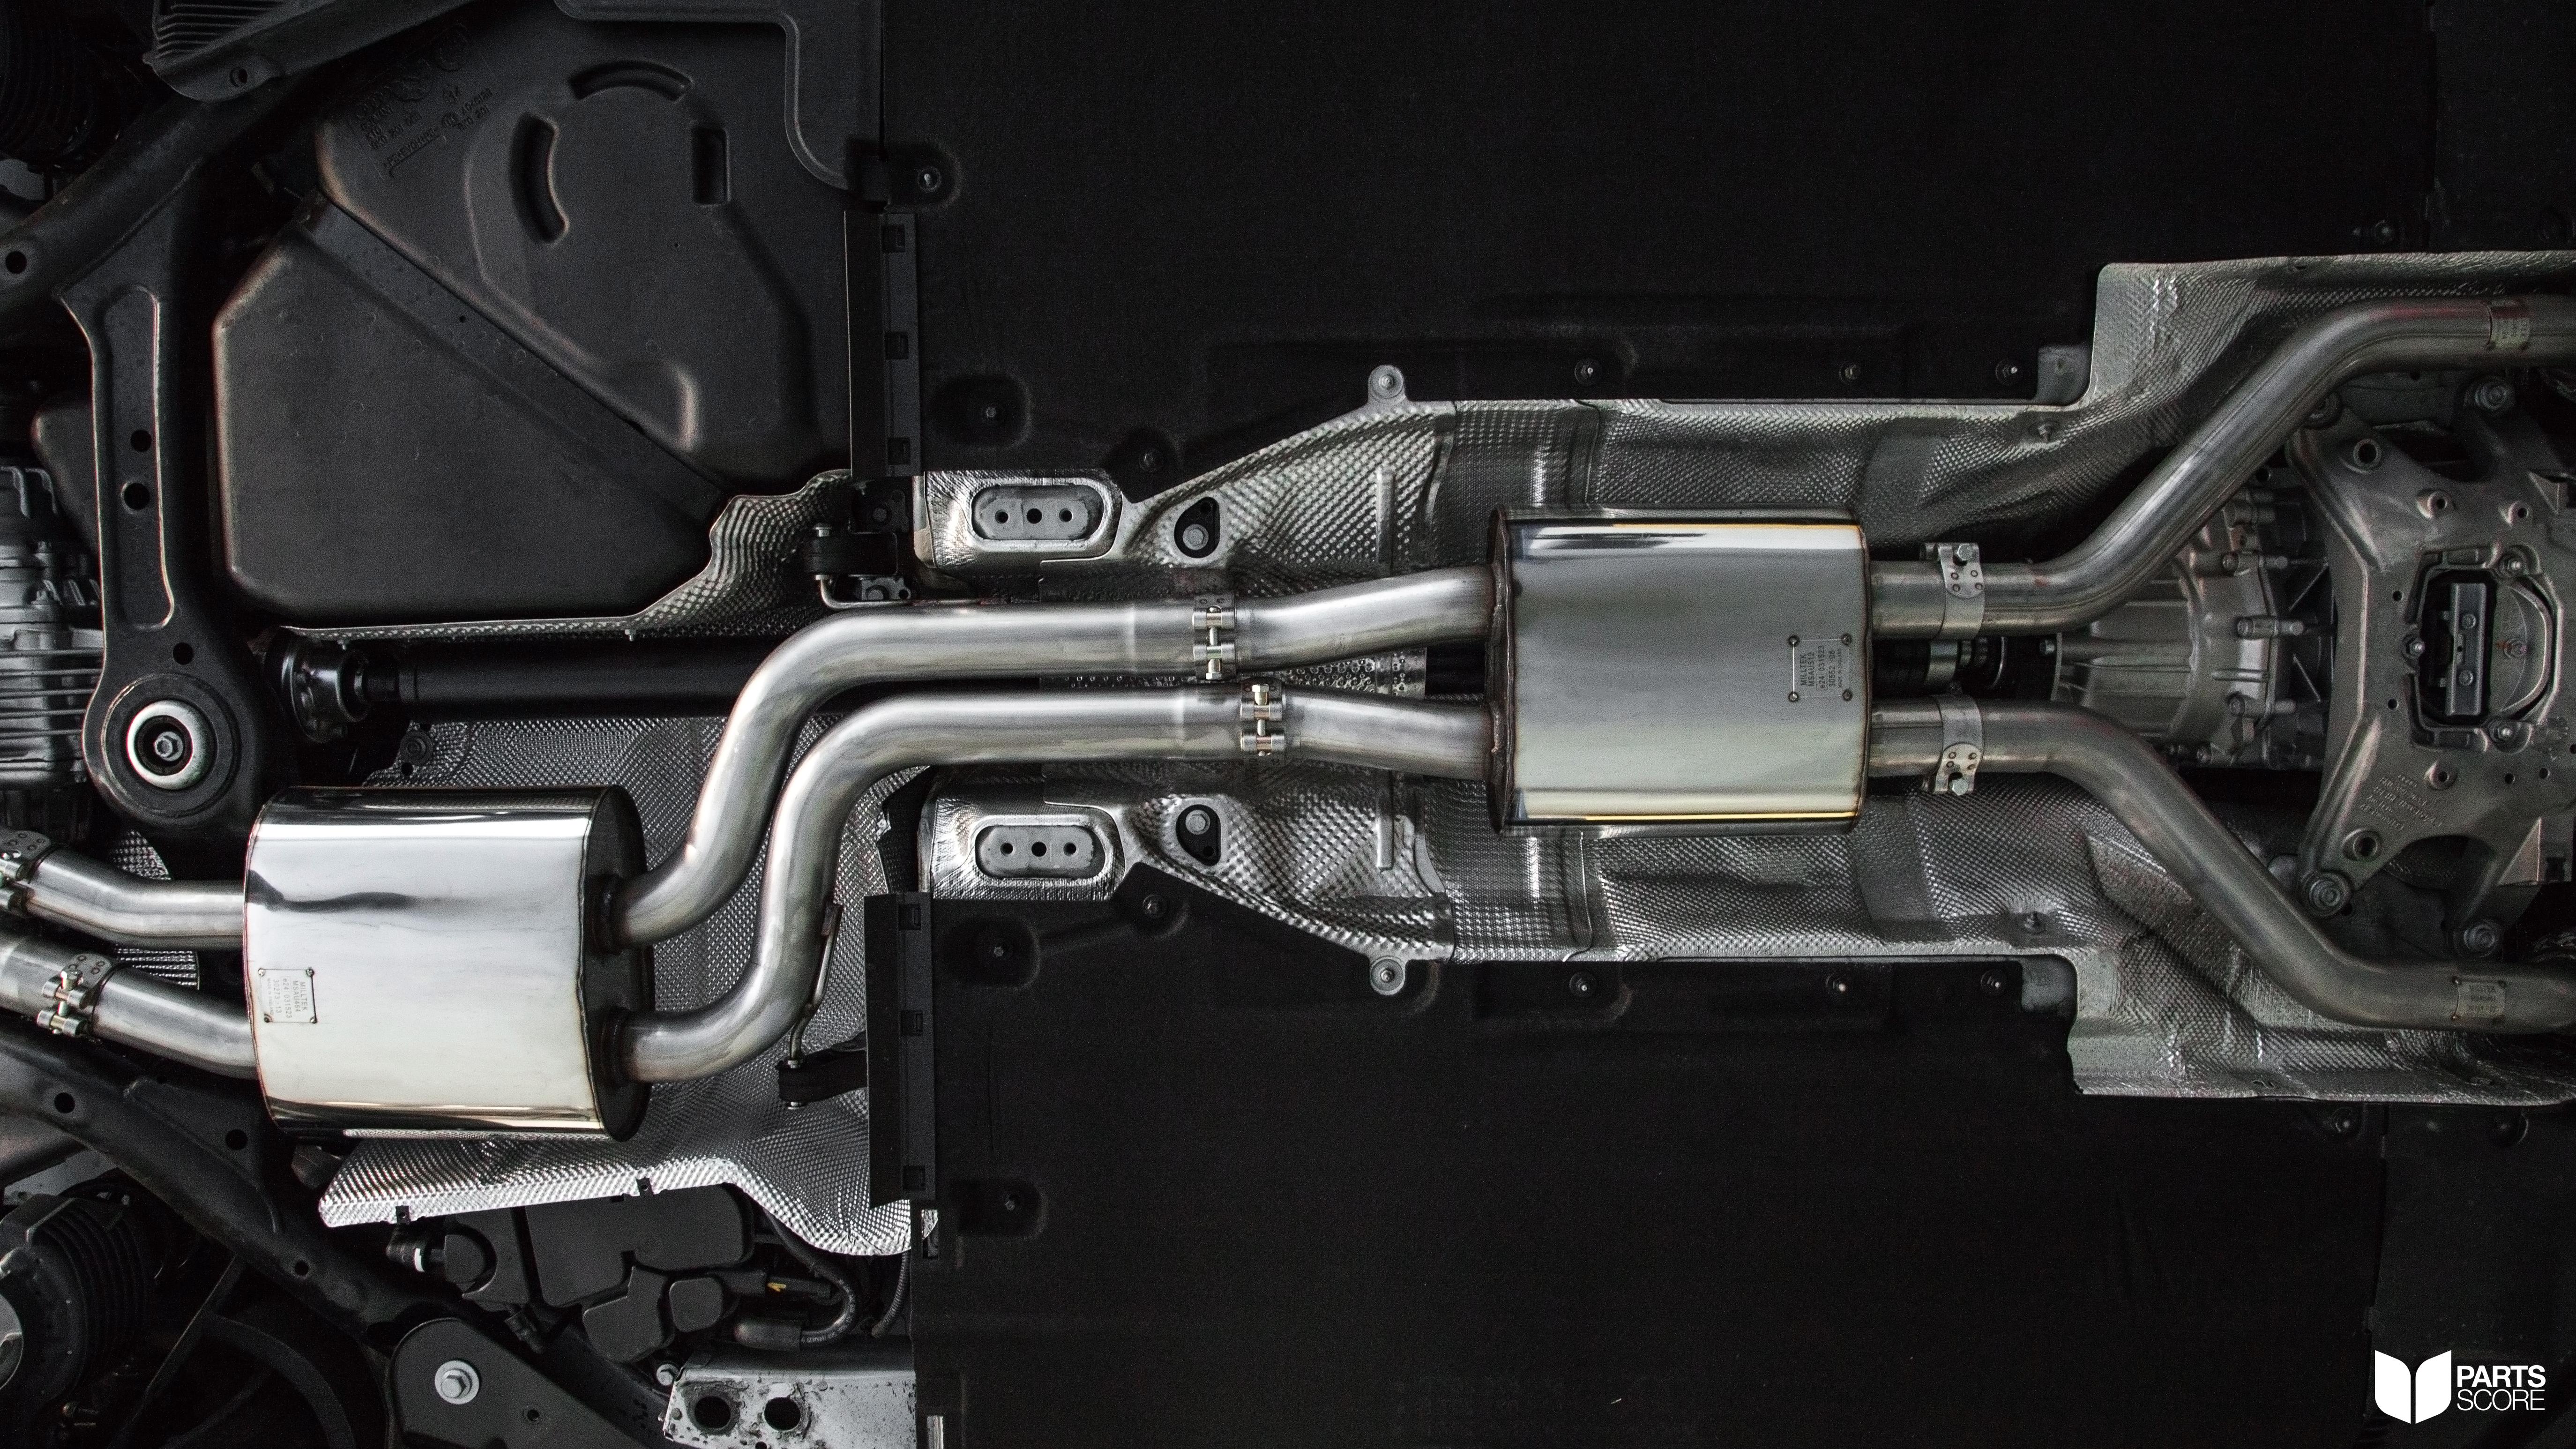 Audi S5 Cabriolet Milltek Underbody view of exhaust